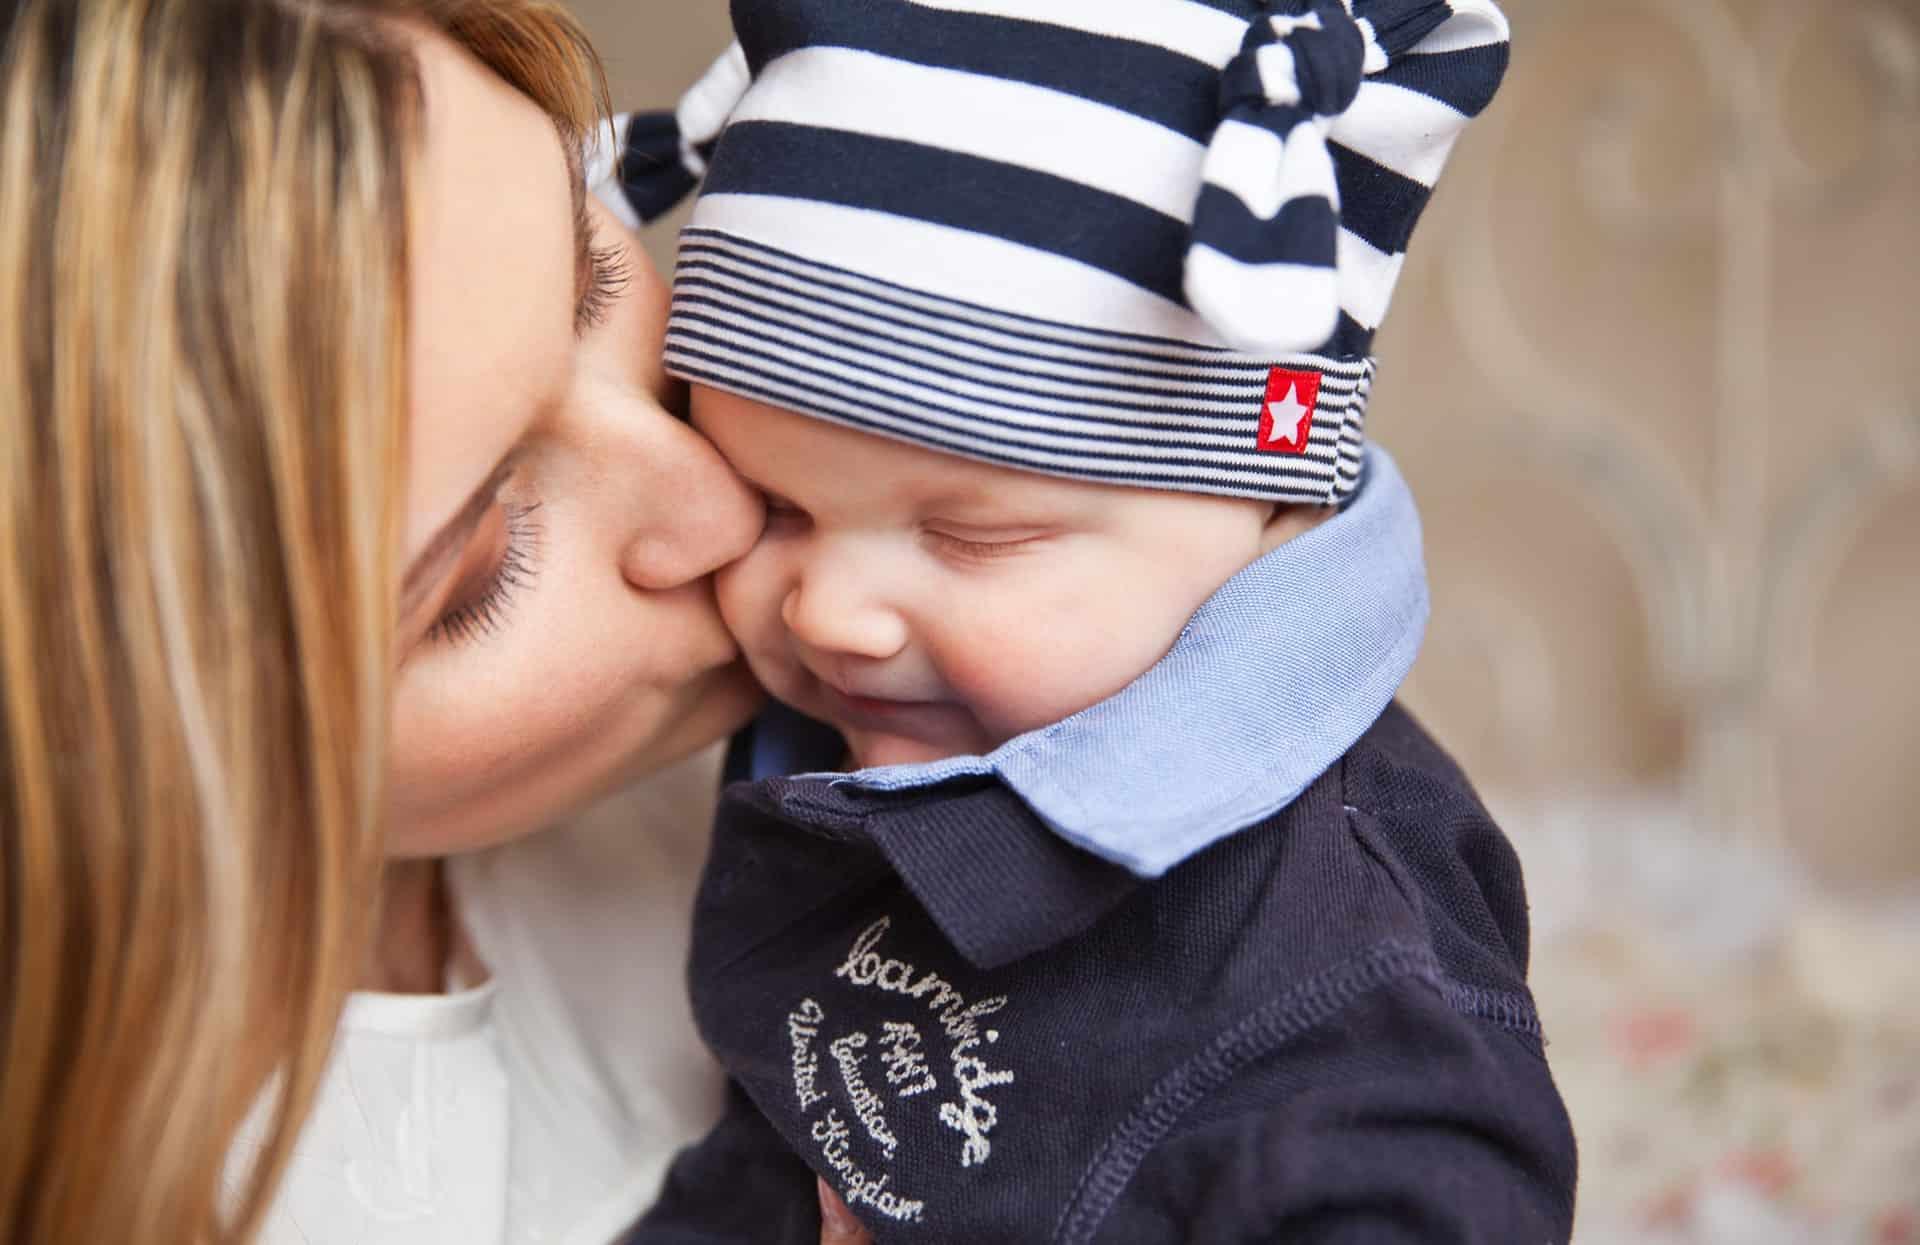 Miközben az újdonsült édesanya igyekszik ráhangolódni kisbabája minden rezdülésére, az apák gyakran kiszorulnak, peremhelyzetbe kerülnek.